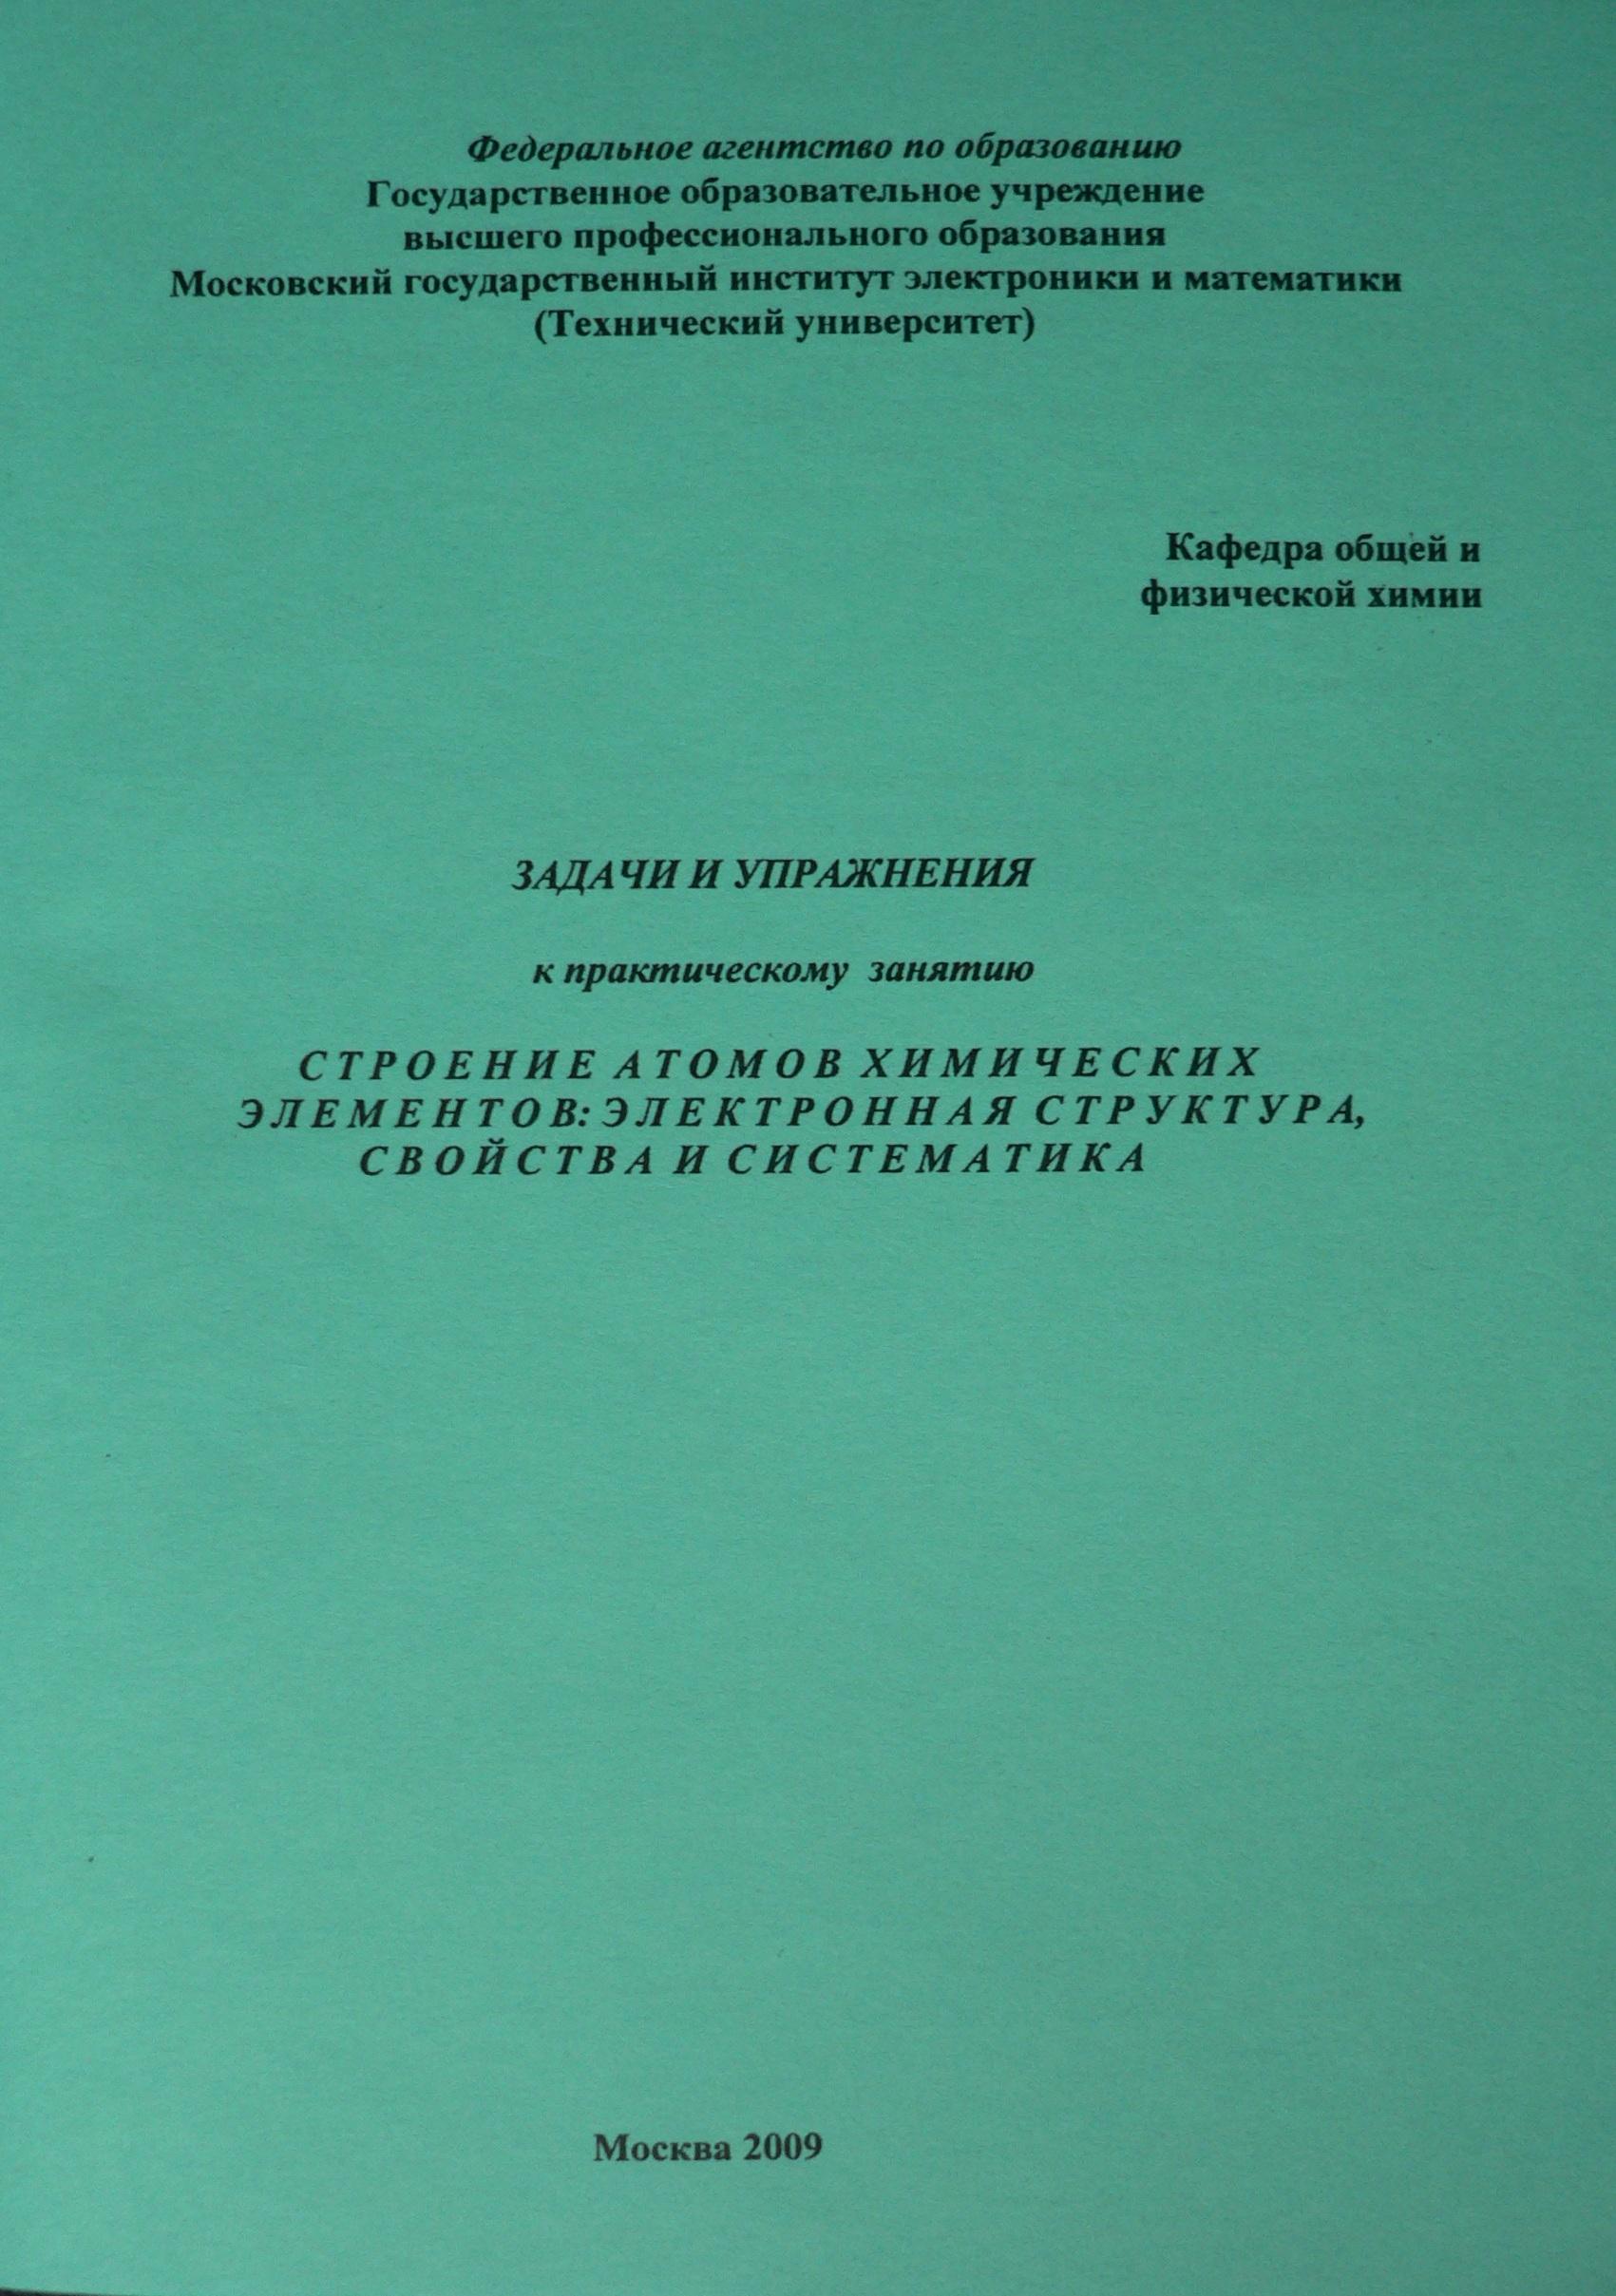 Строение атомов химических элементов: электронная структура, свойства и систематика. Задачи и упражнения к практическому занятию